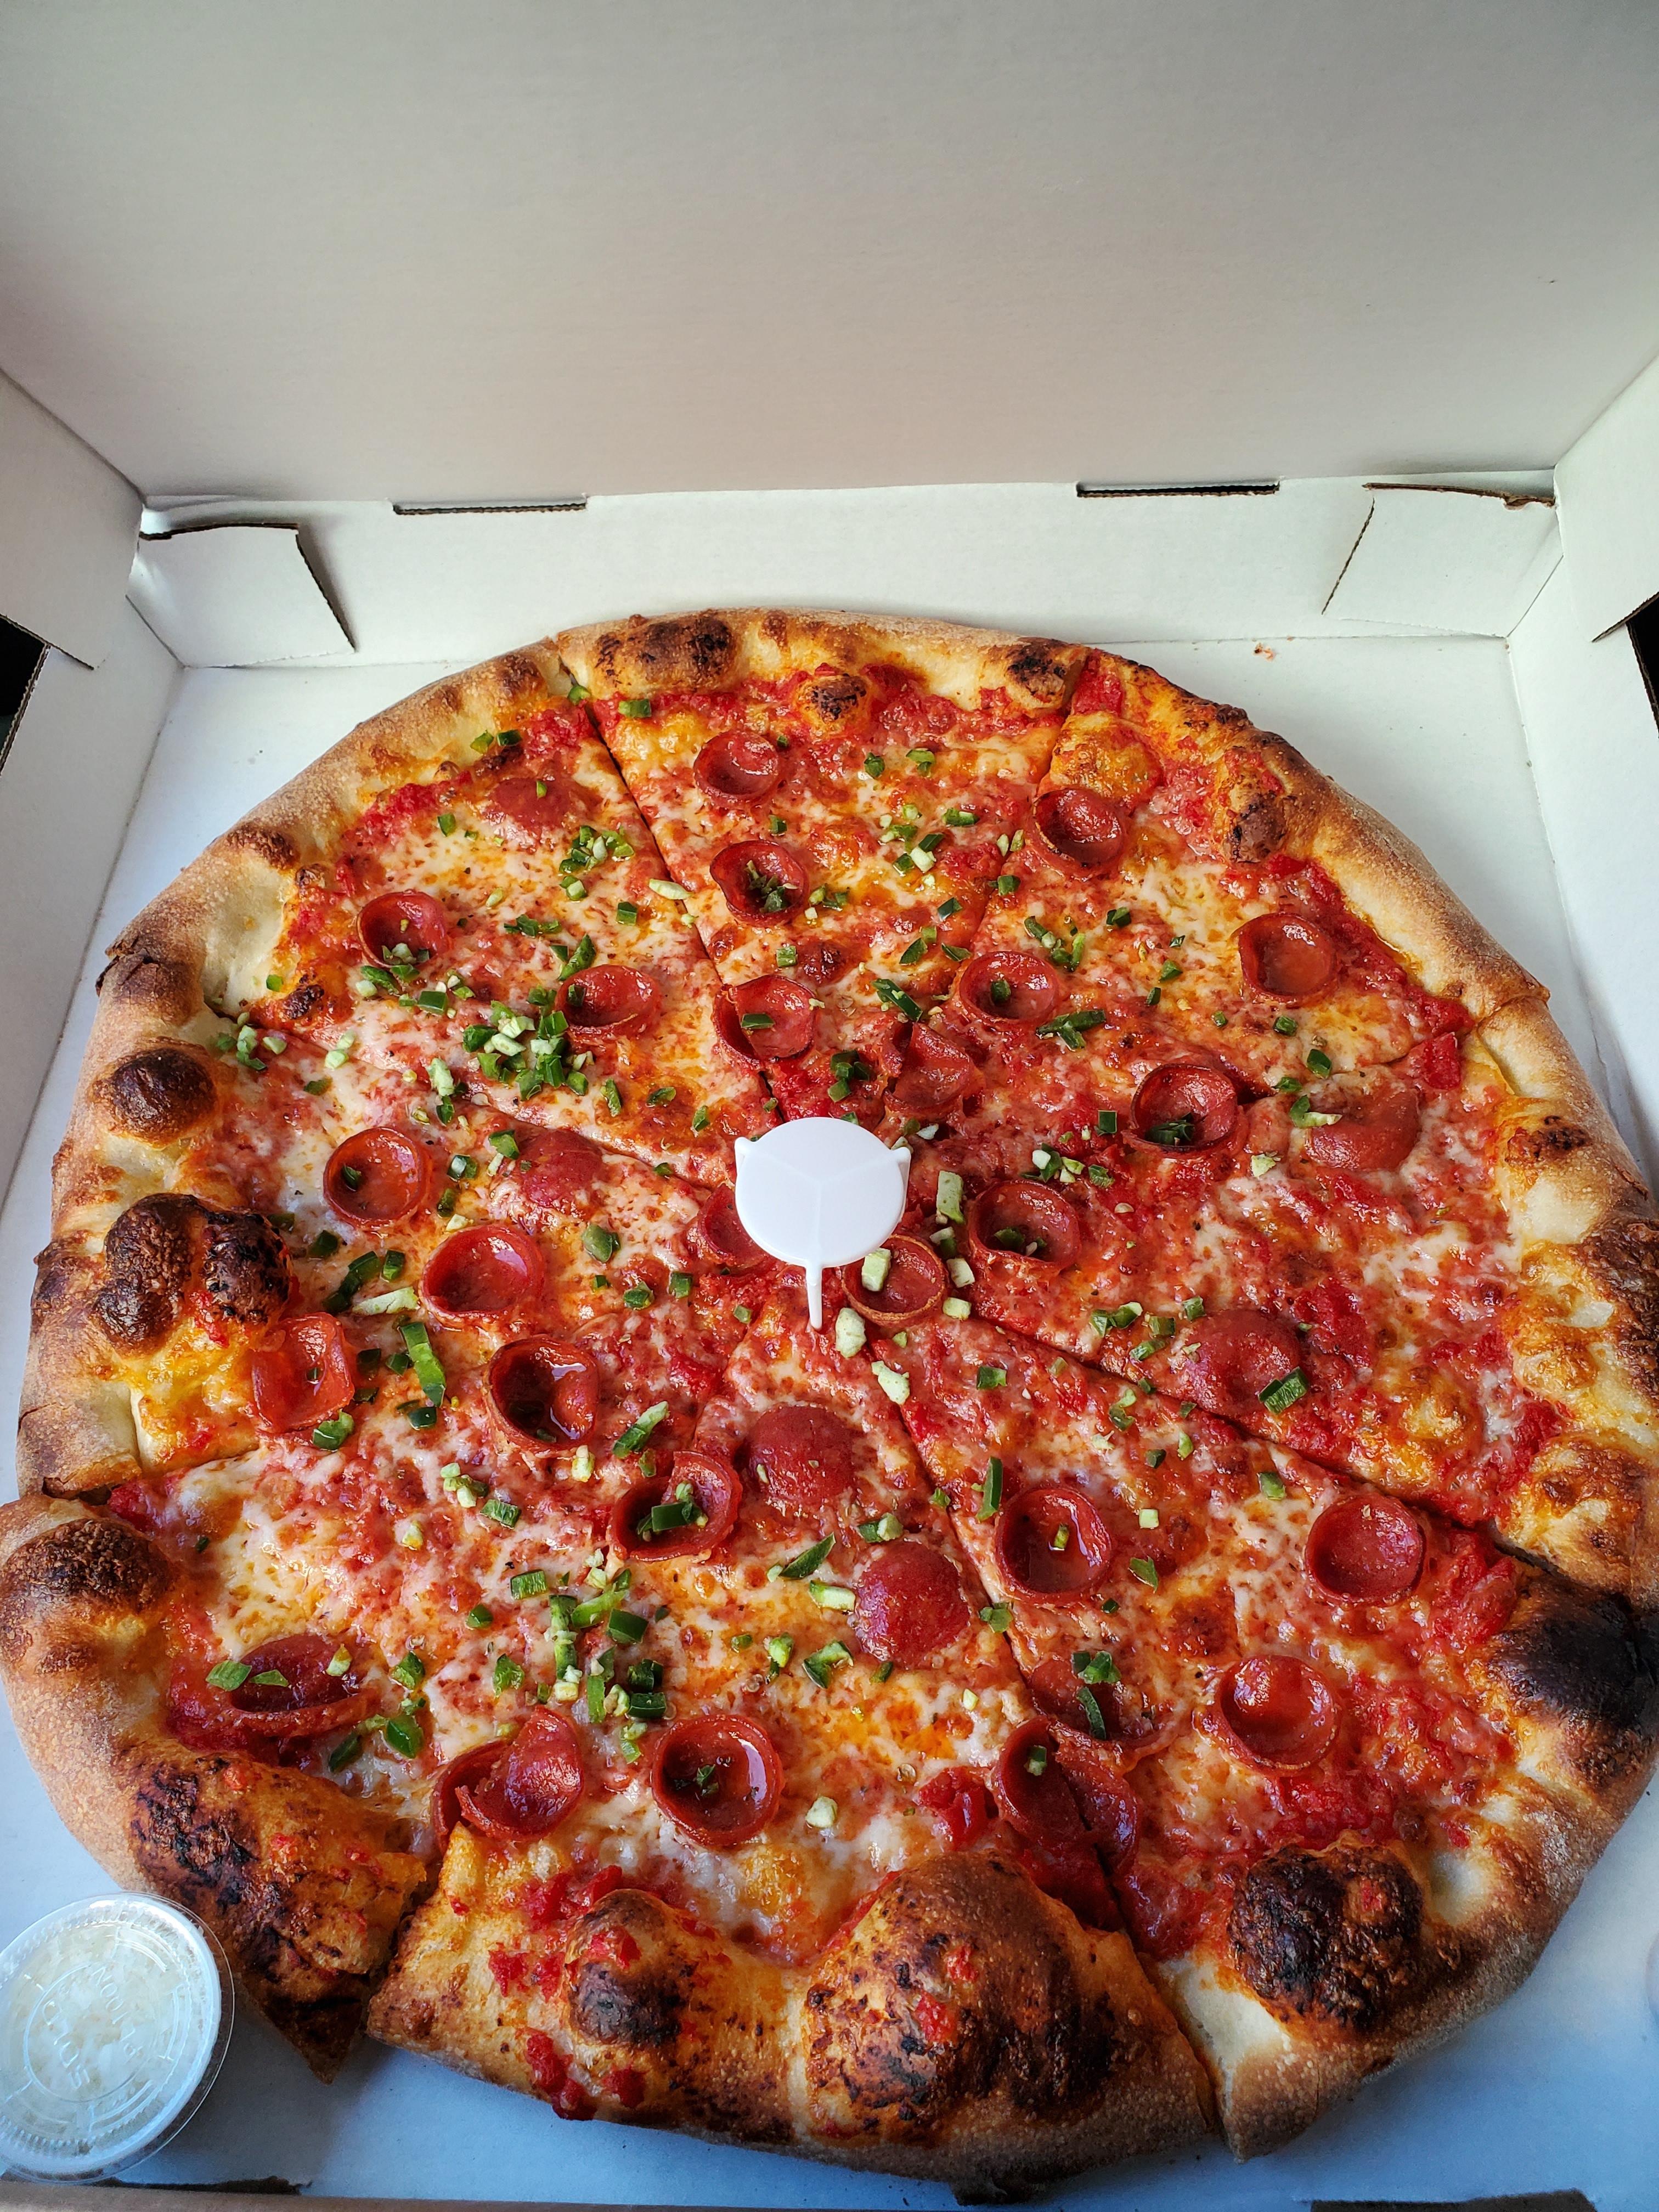 A New York-style pizza from Della Barba